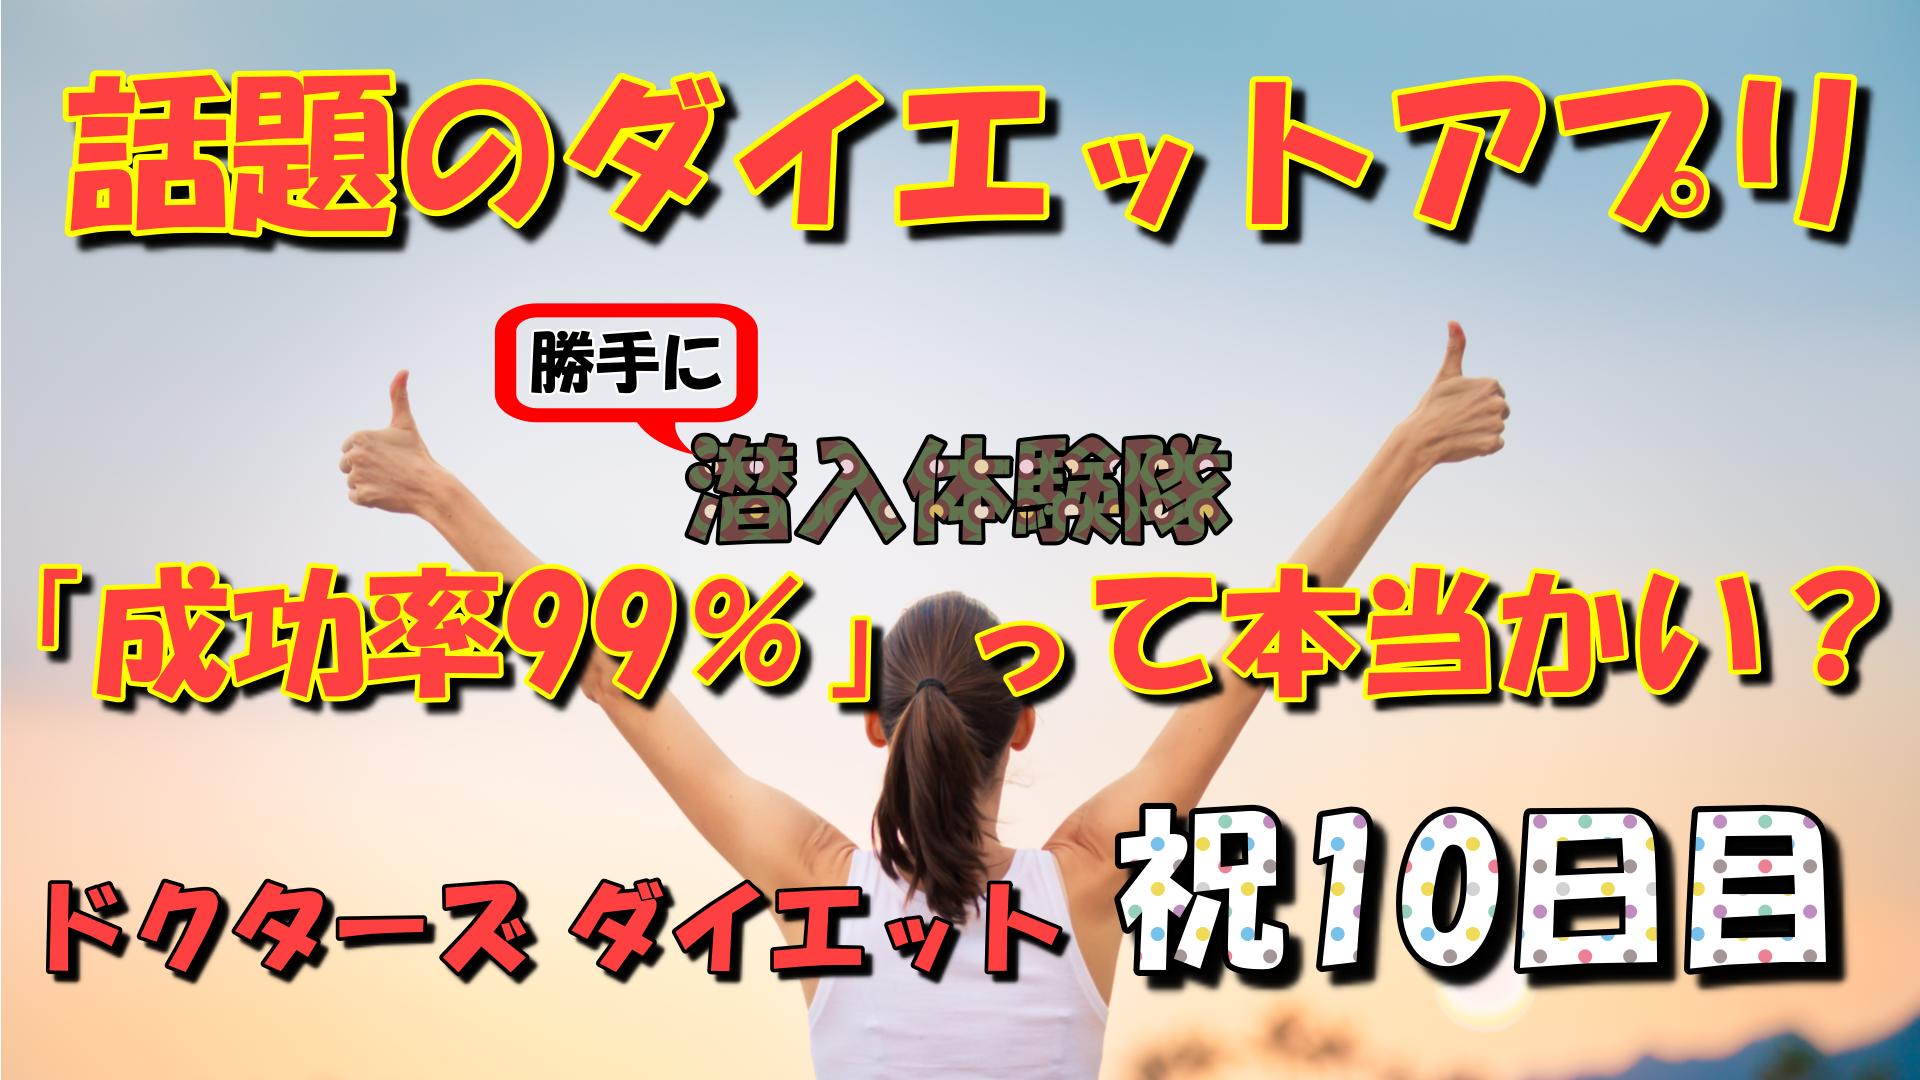 ダイエットアプリ ドクターズダイエット 潜入体験10日目